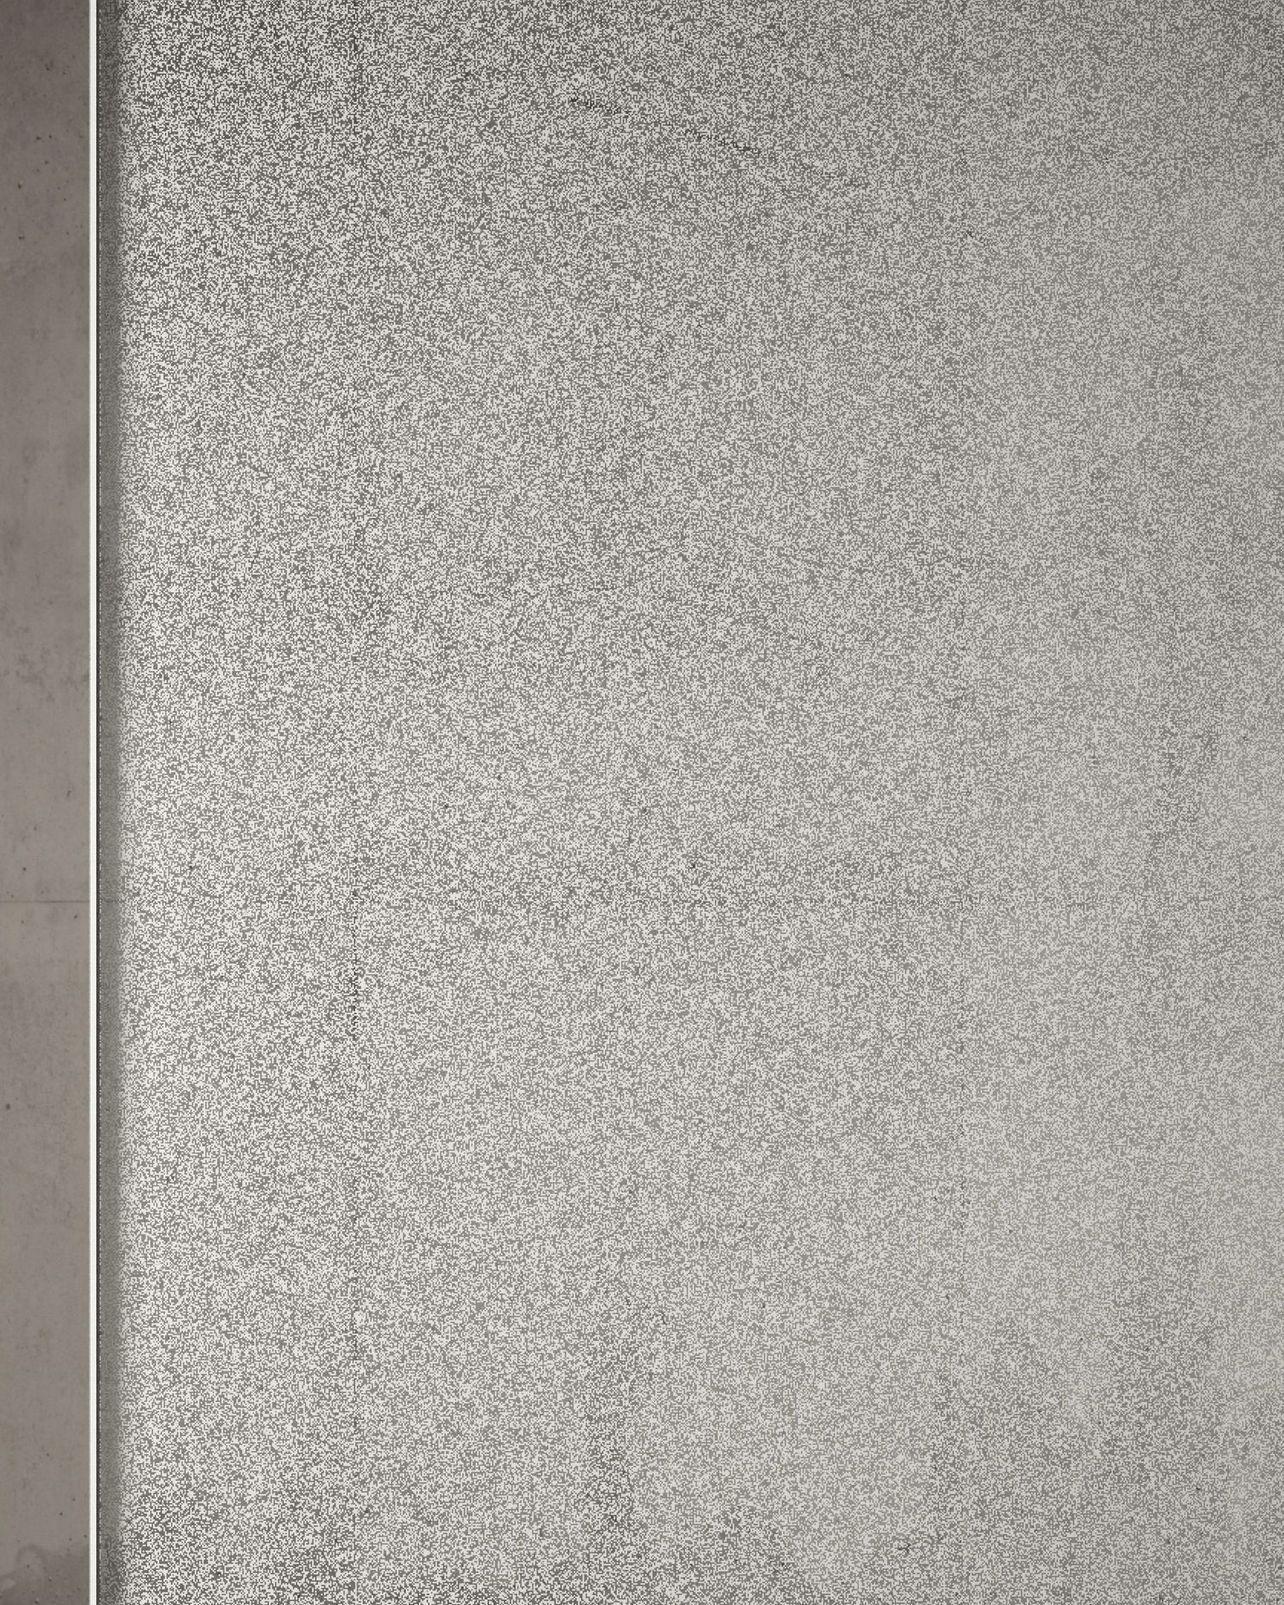 Nussbaum Gw sabbiato glitter trasparente